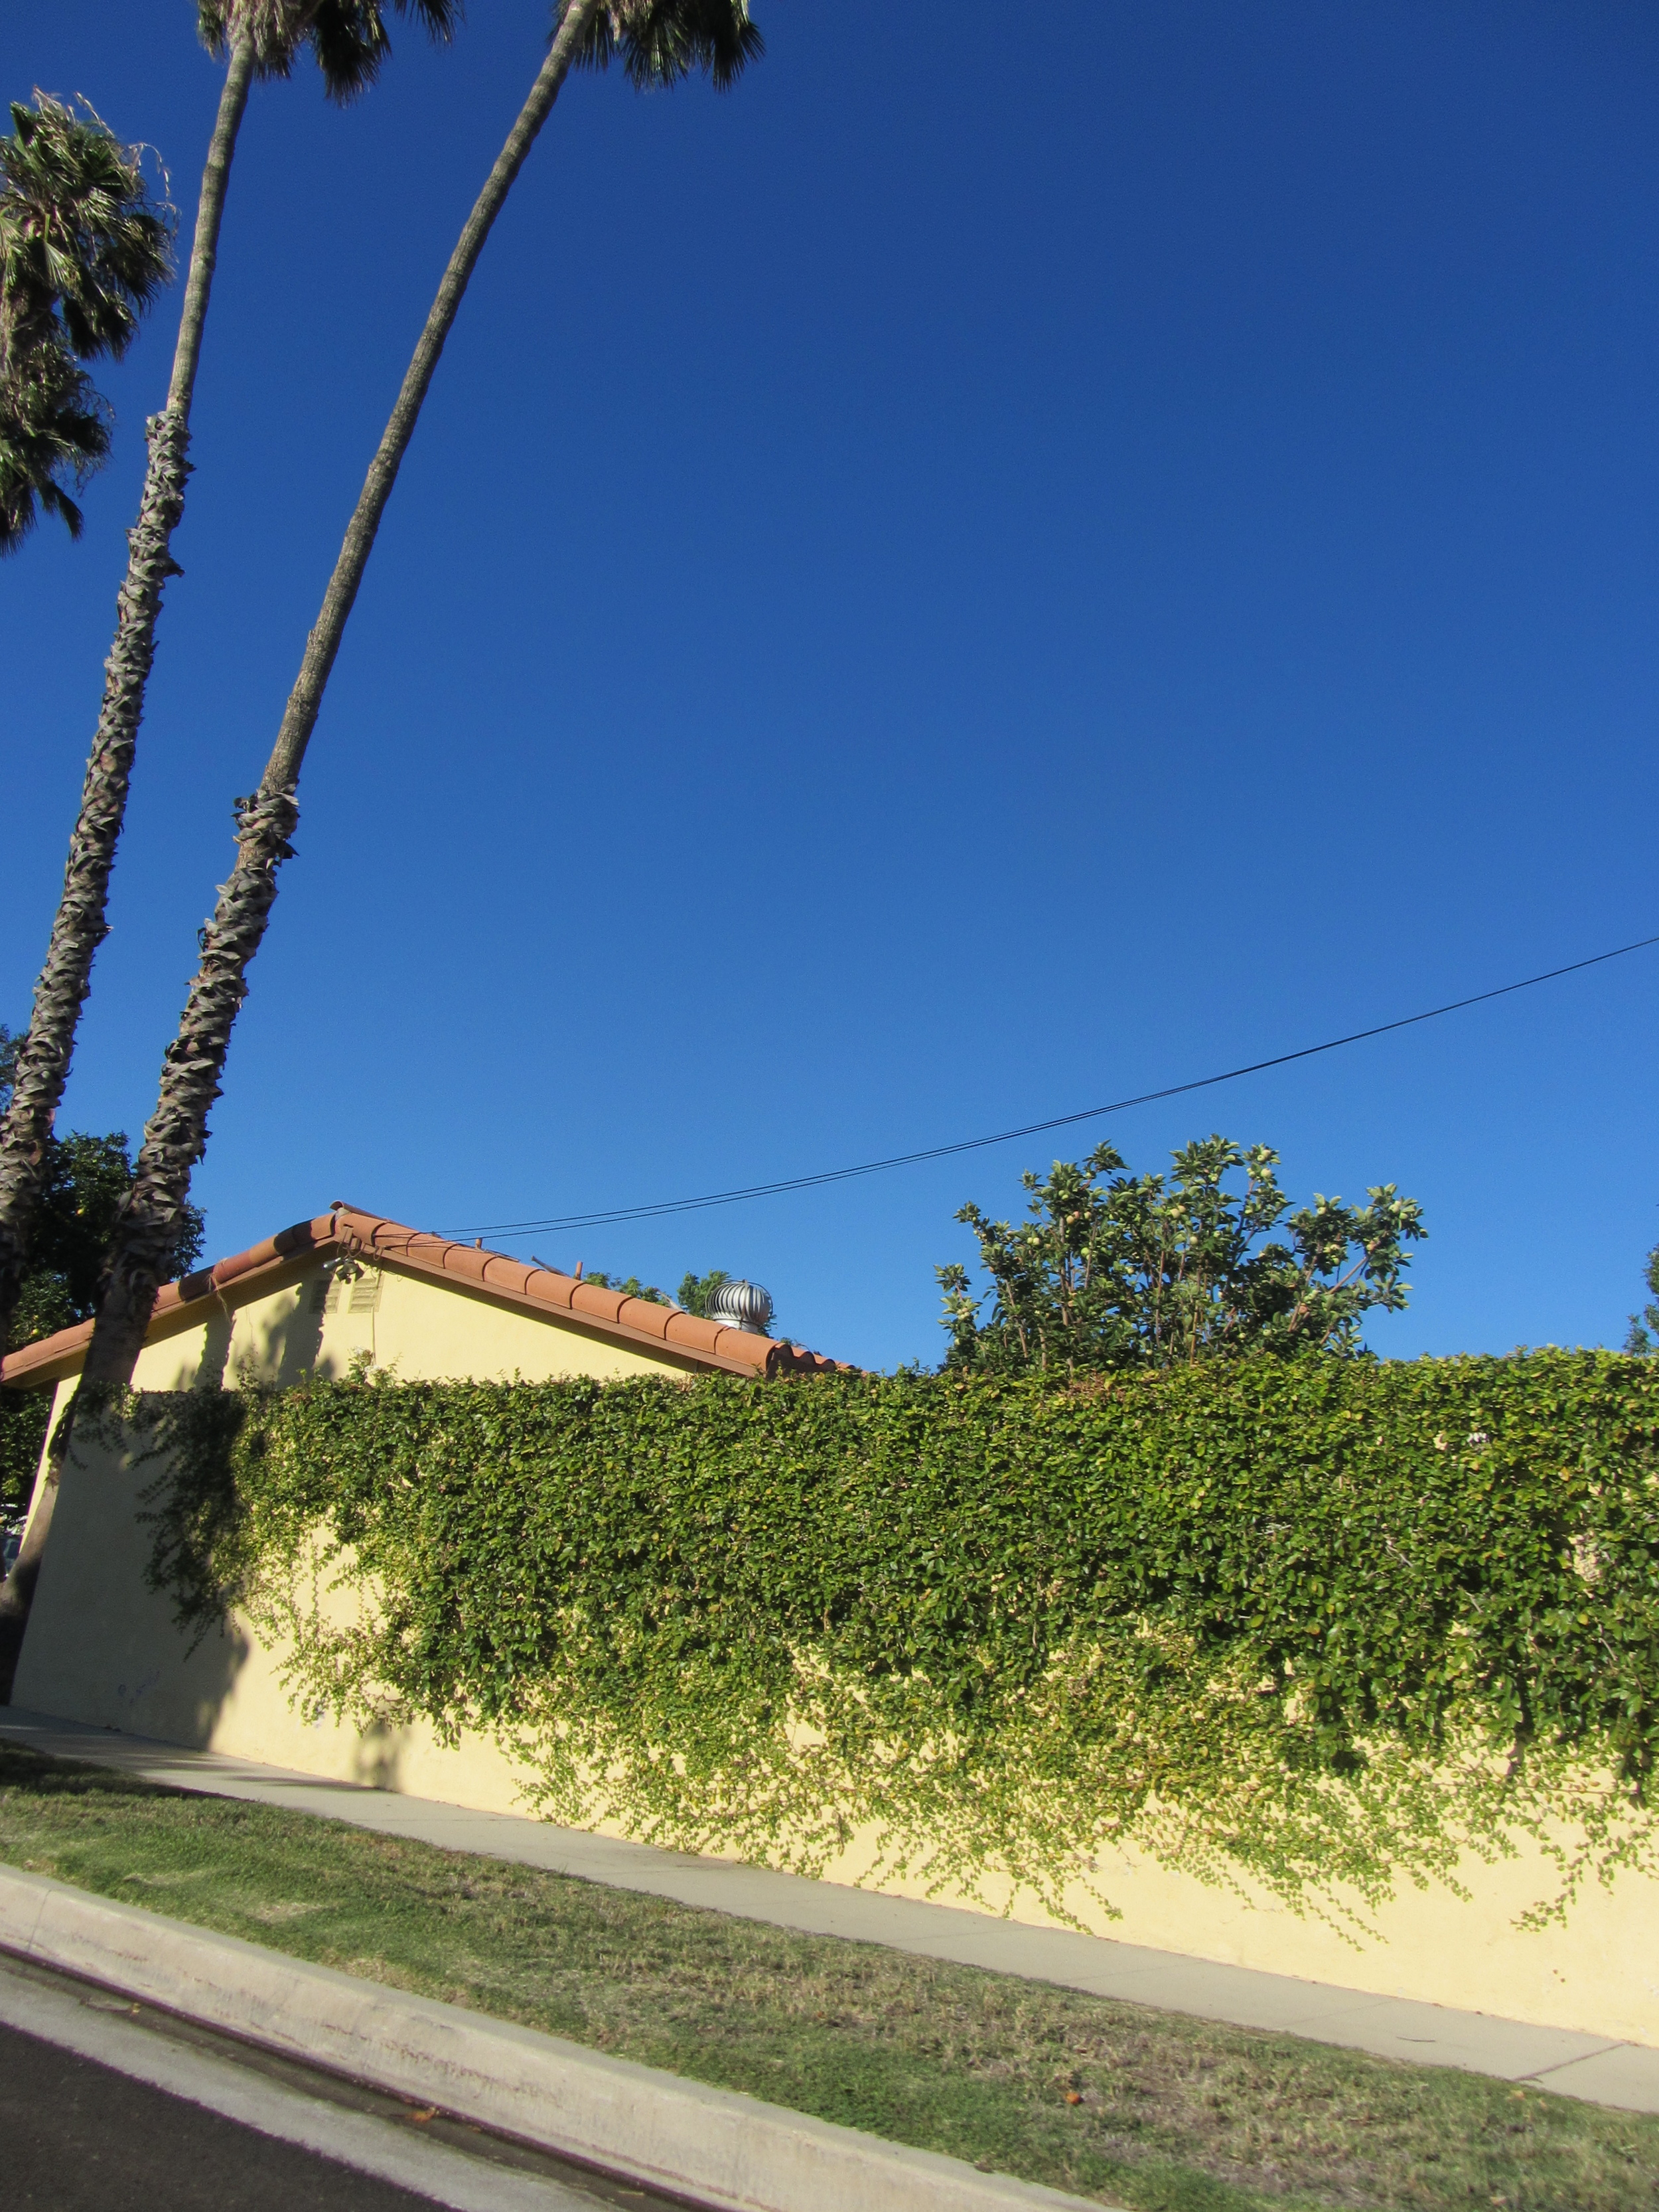 California sidewalk.jpg